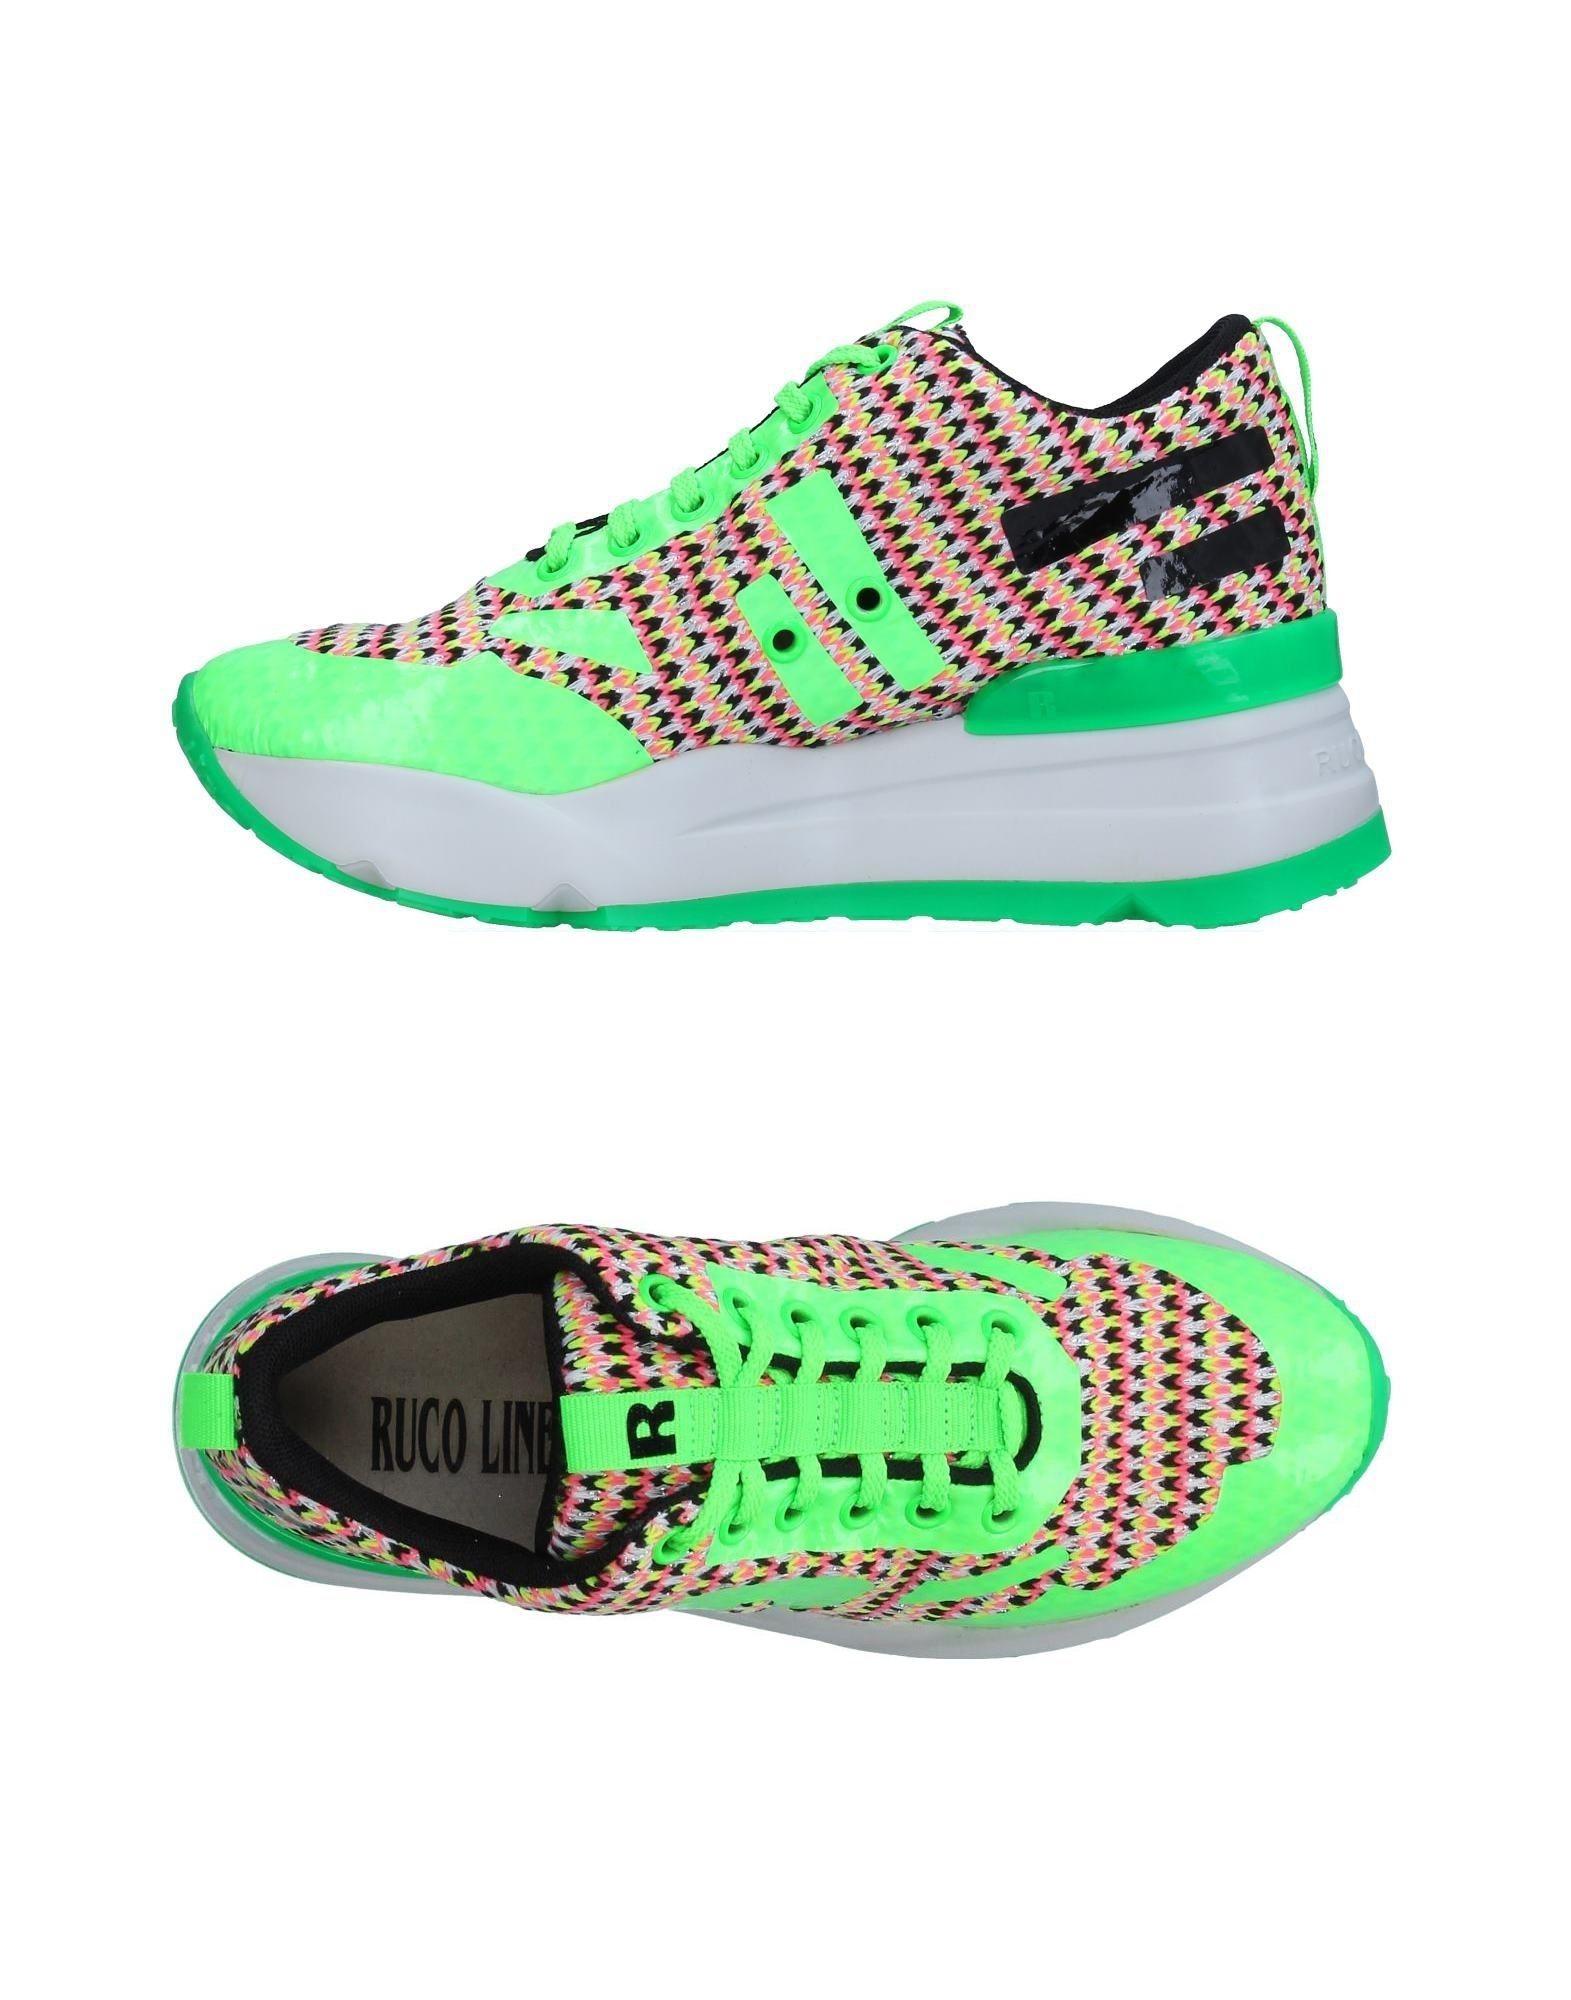 Ruco Line Sneakers Damen  Gute 11334504QL Gute  Qualität beliebte Schuhe f8d682